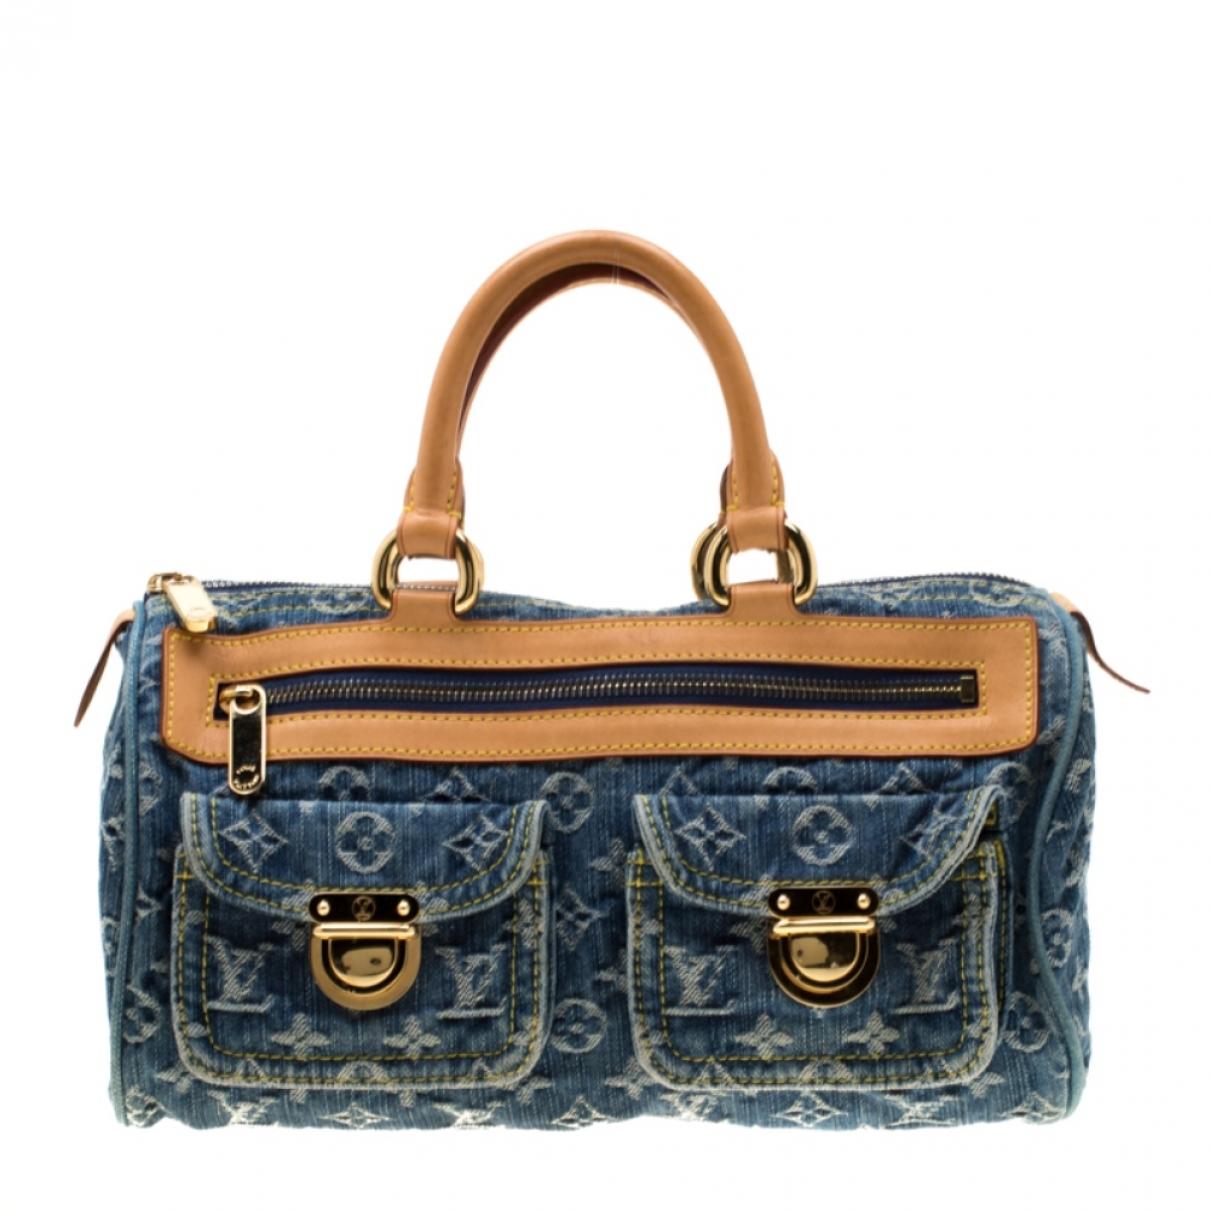 Louis Vuitton Neo speedy Handtasche in  Blau Denim - Jeans